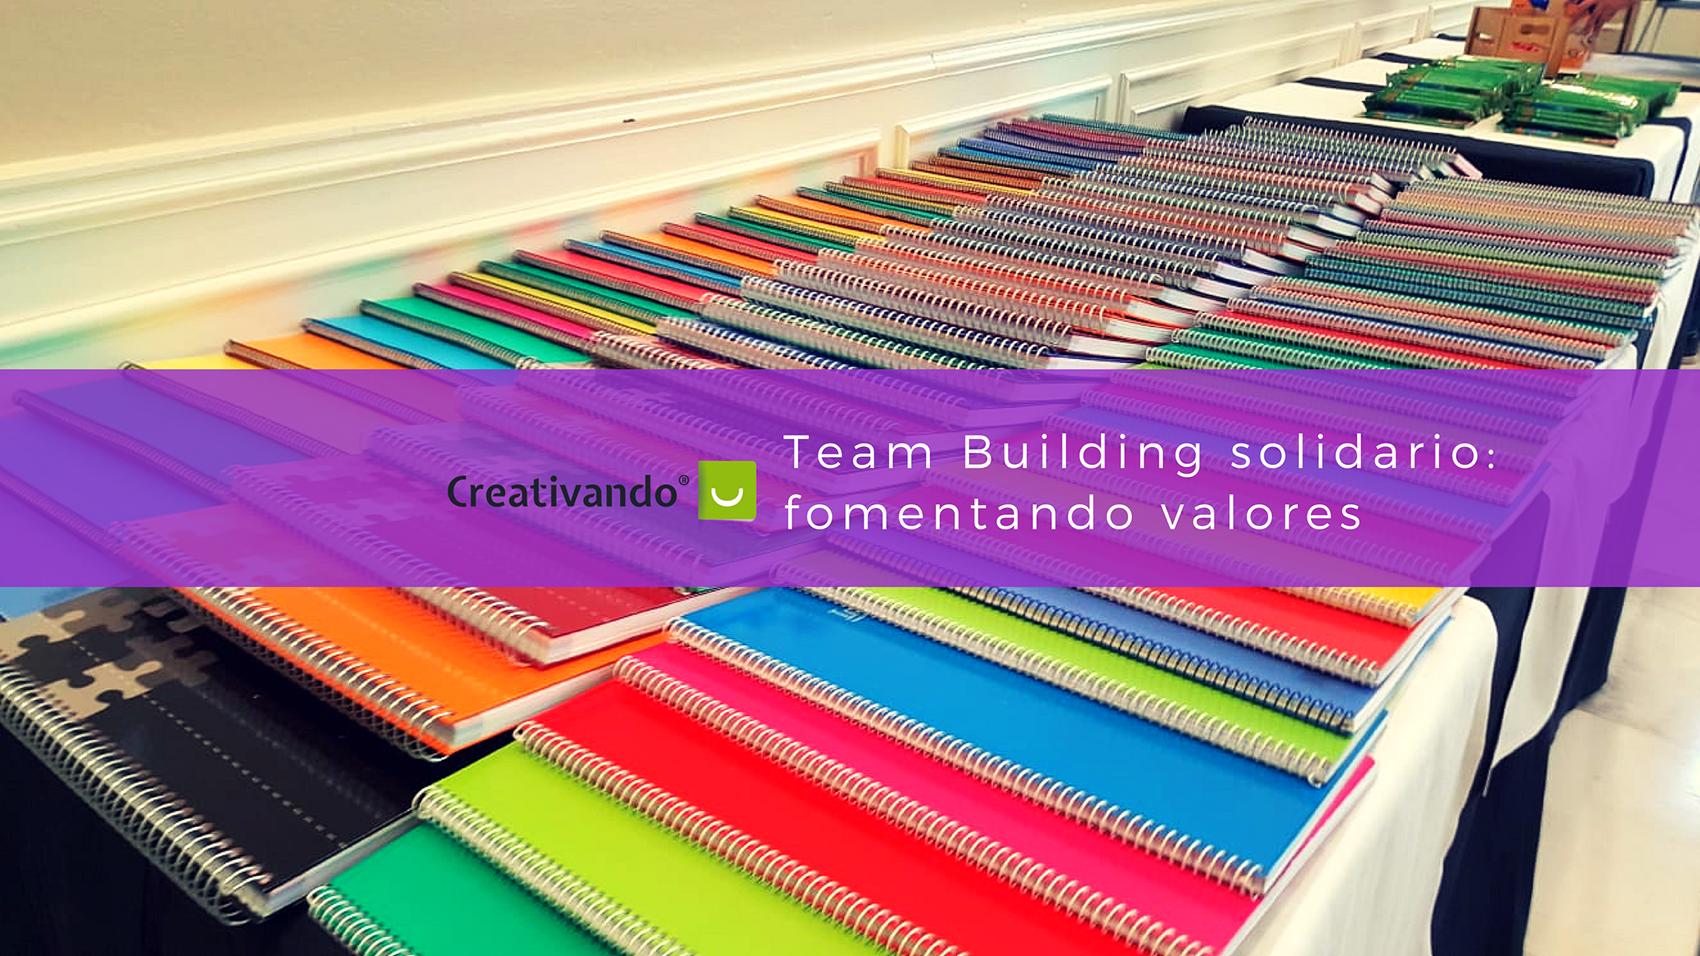 Team Building Solidario